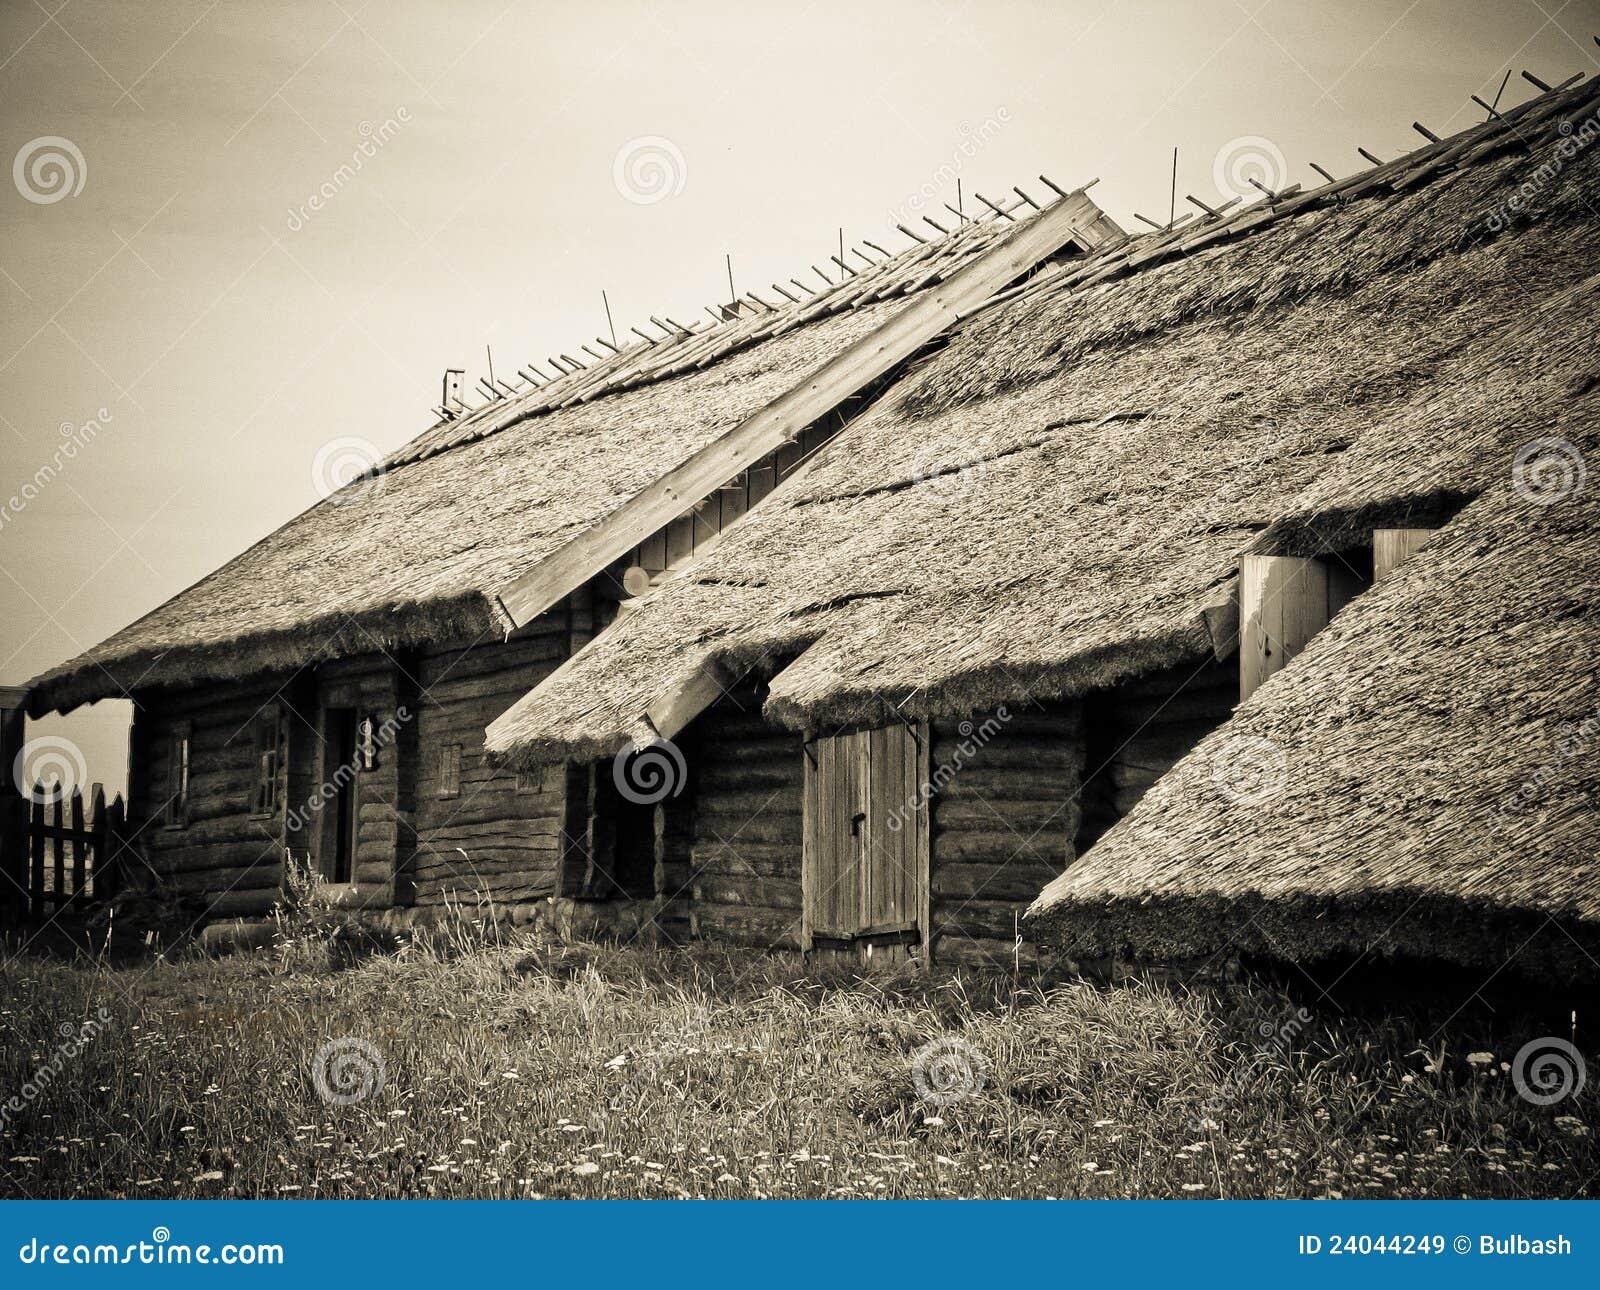 Casas De Madera Viejas Imágenes de archivo libres de ... - photo#16